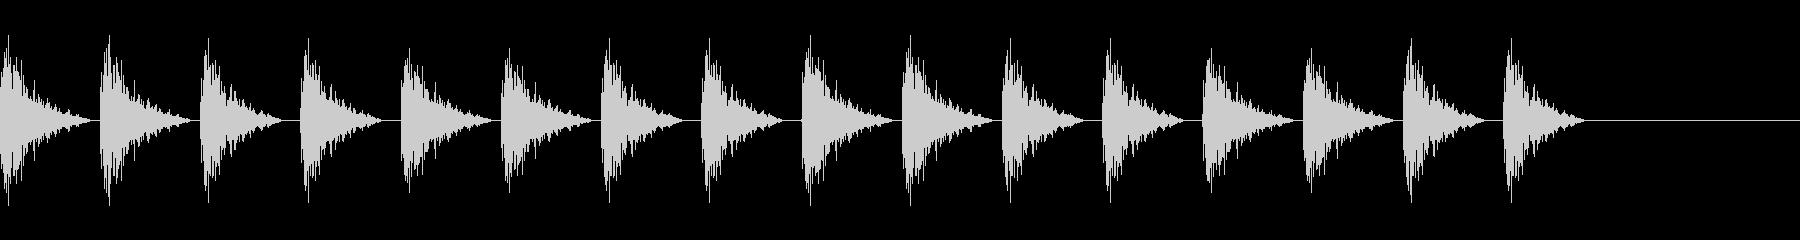 どんどん(巨人、速歩き)A21の未再生の波形